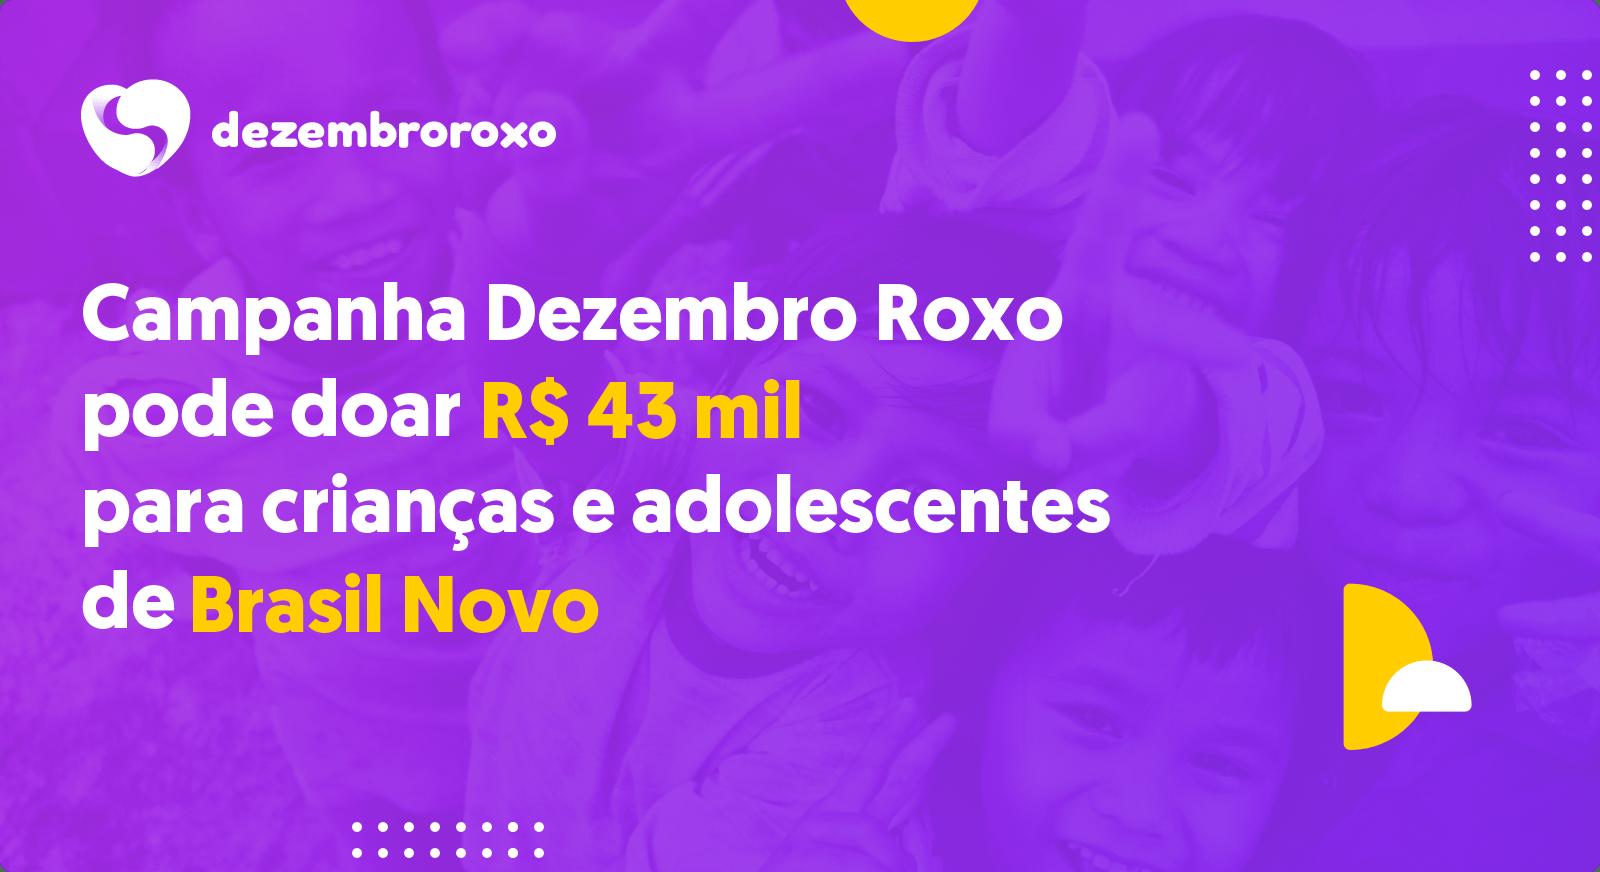 Doações em Brasil Novo - PA